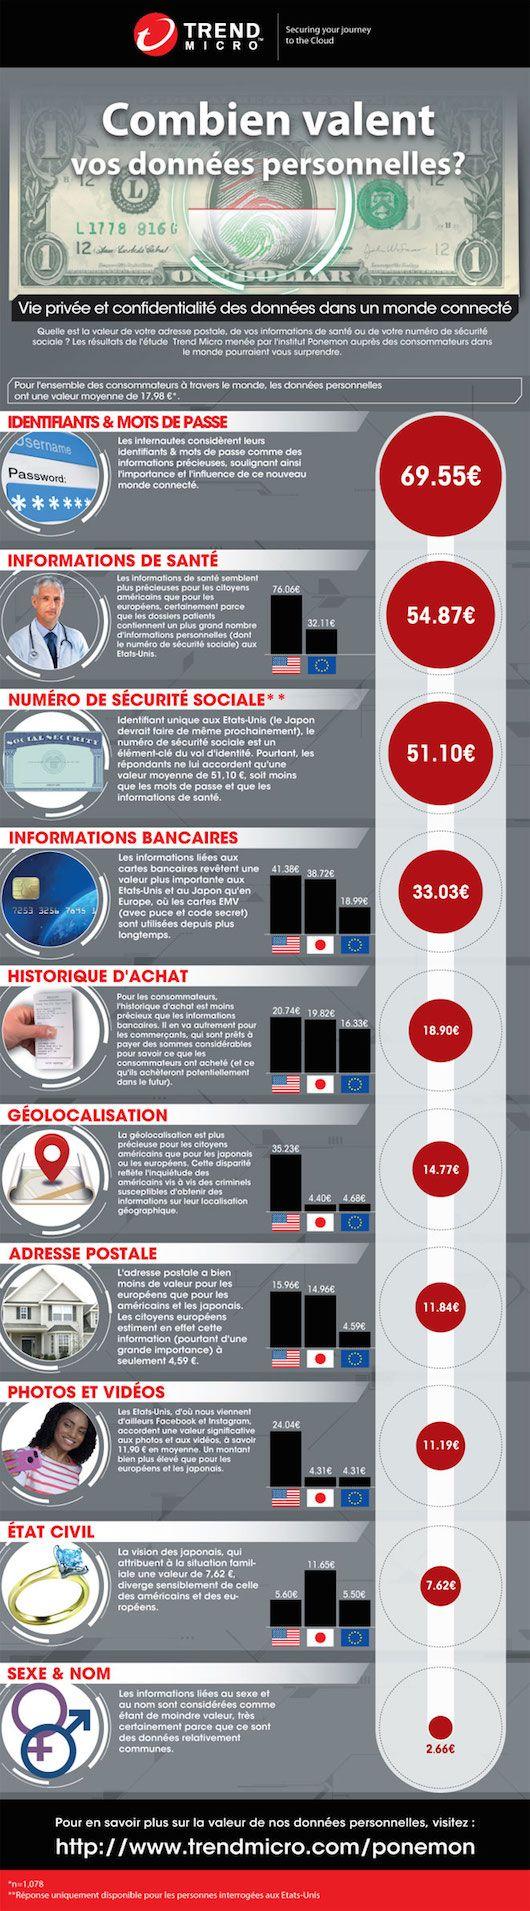 IT Social - Combien valent vos données personnelles ? (infographie)